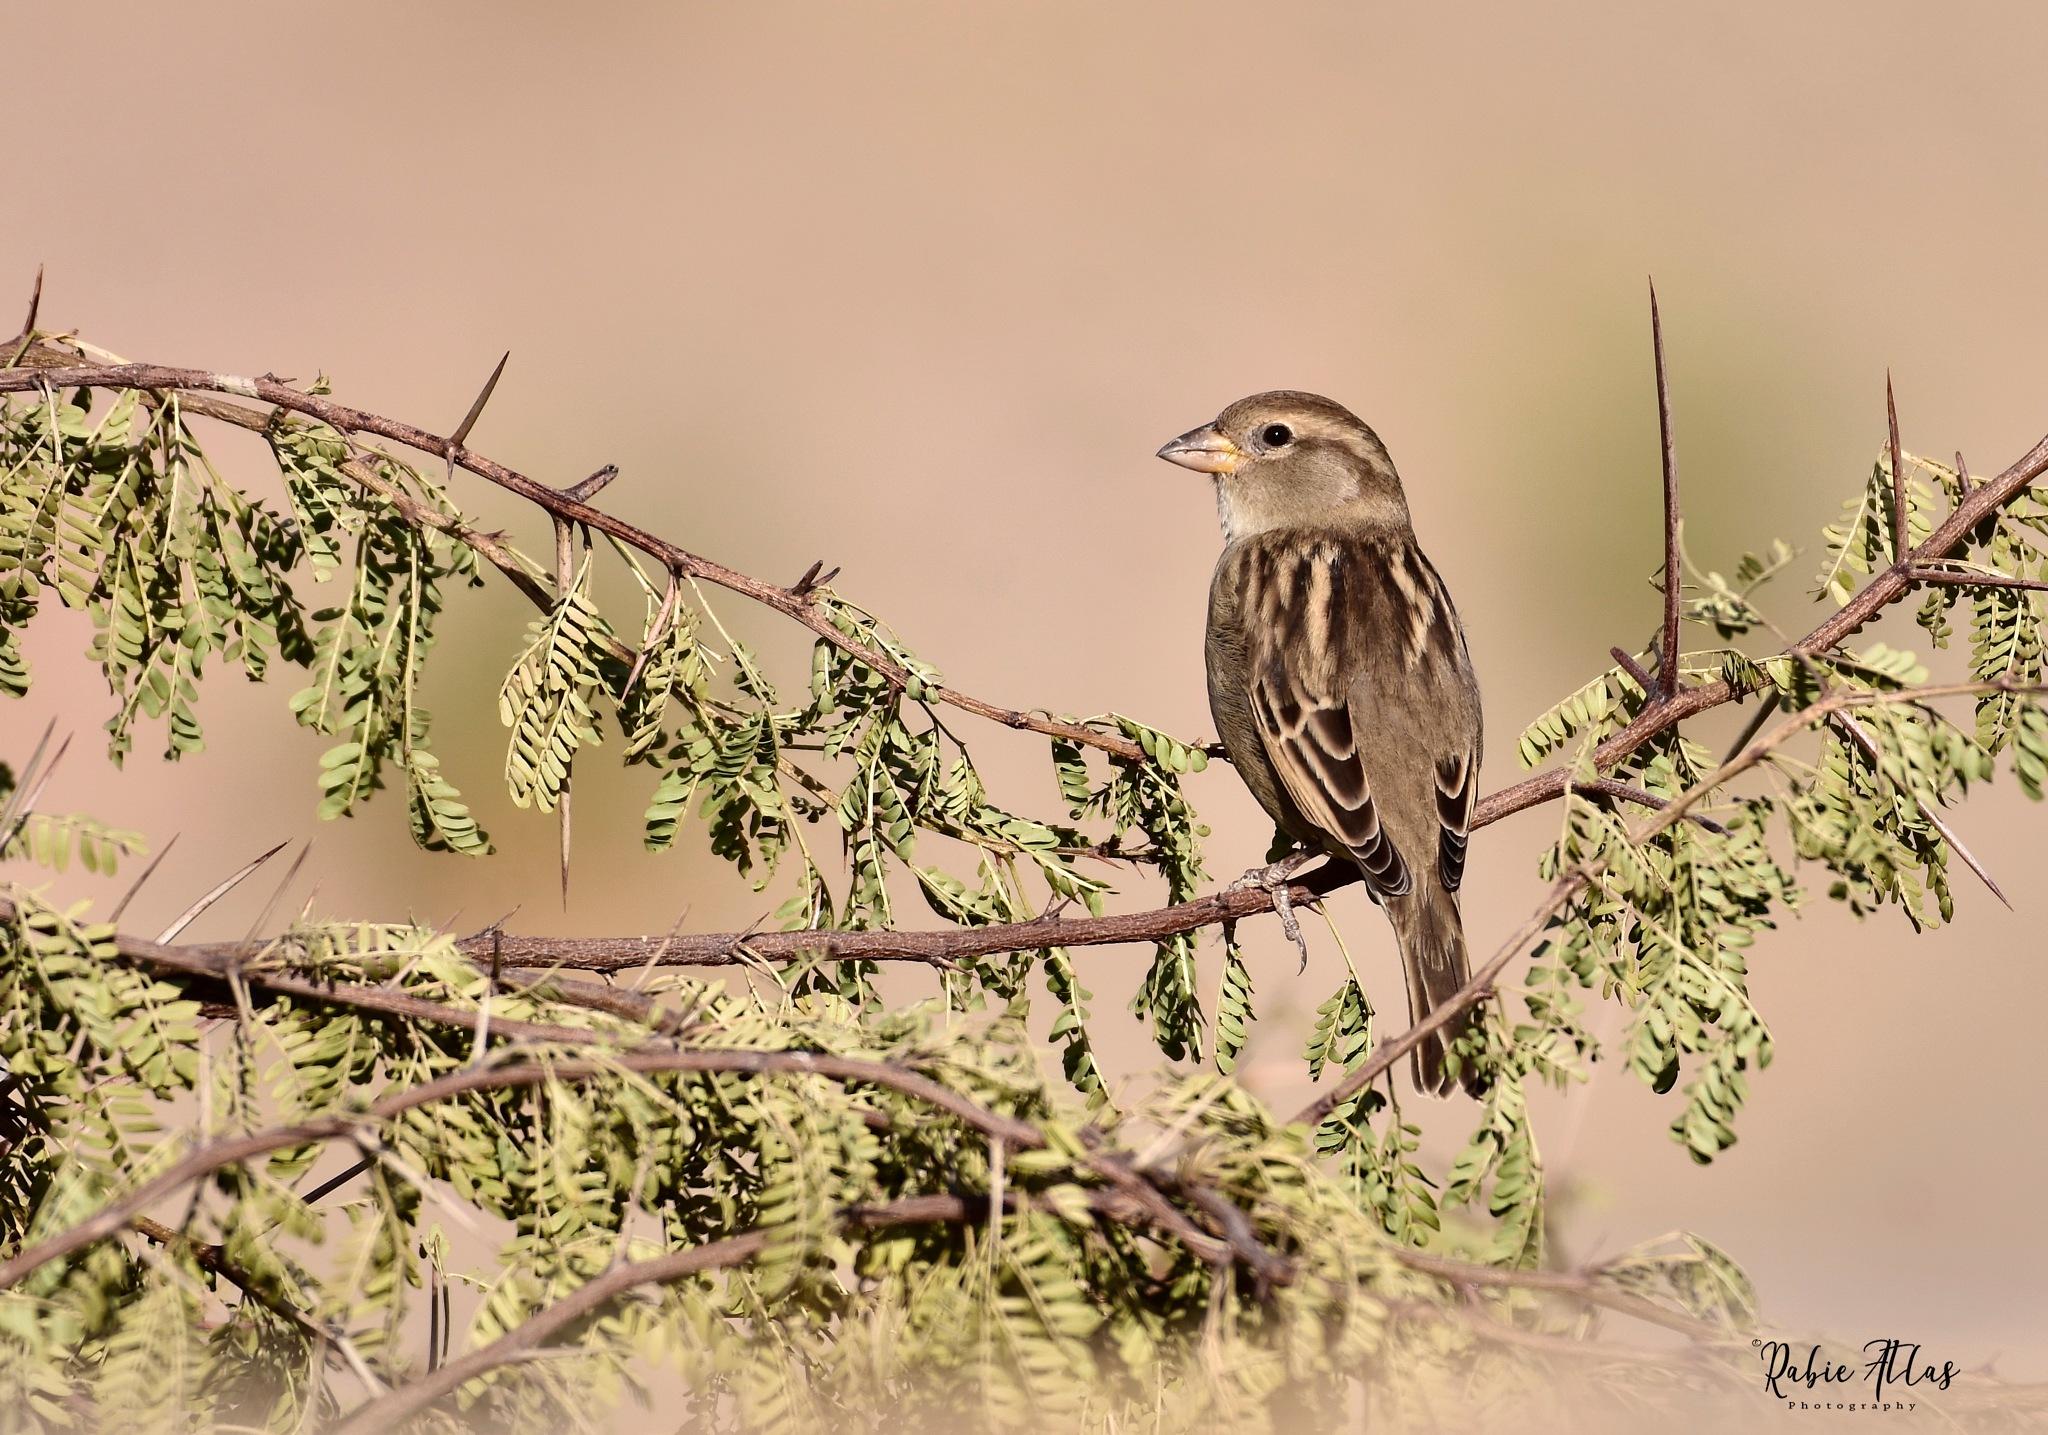 sparrow by Rabie Atlas